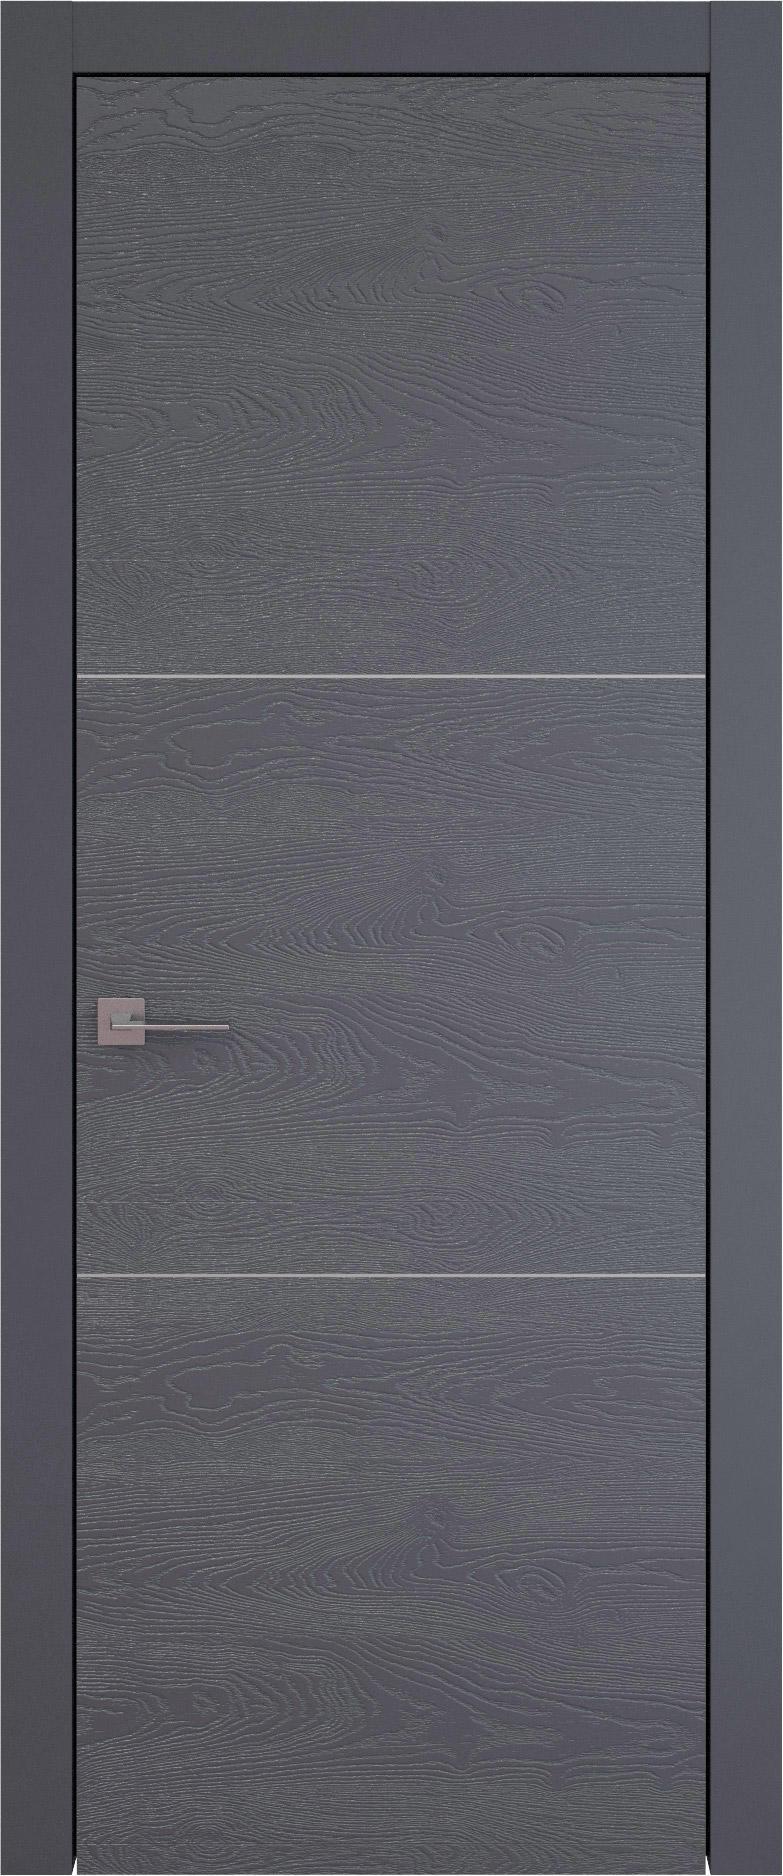 Tivoli В-2 цвет - Графитово-серая эмаль по шпону (RAL 7024) Без стекла (ДГ)